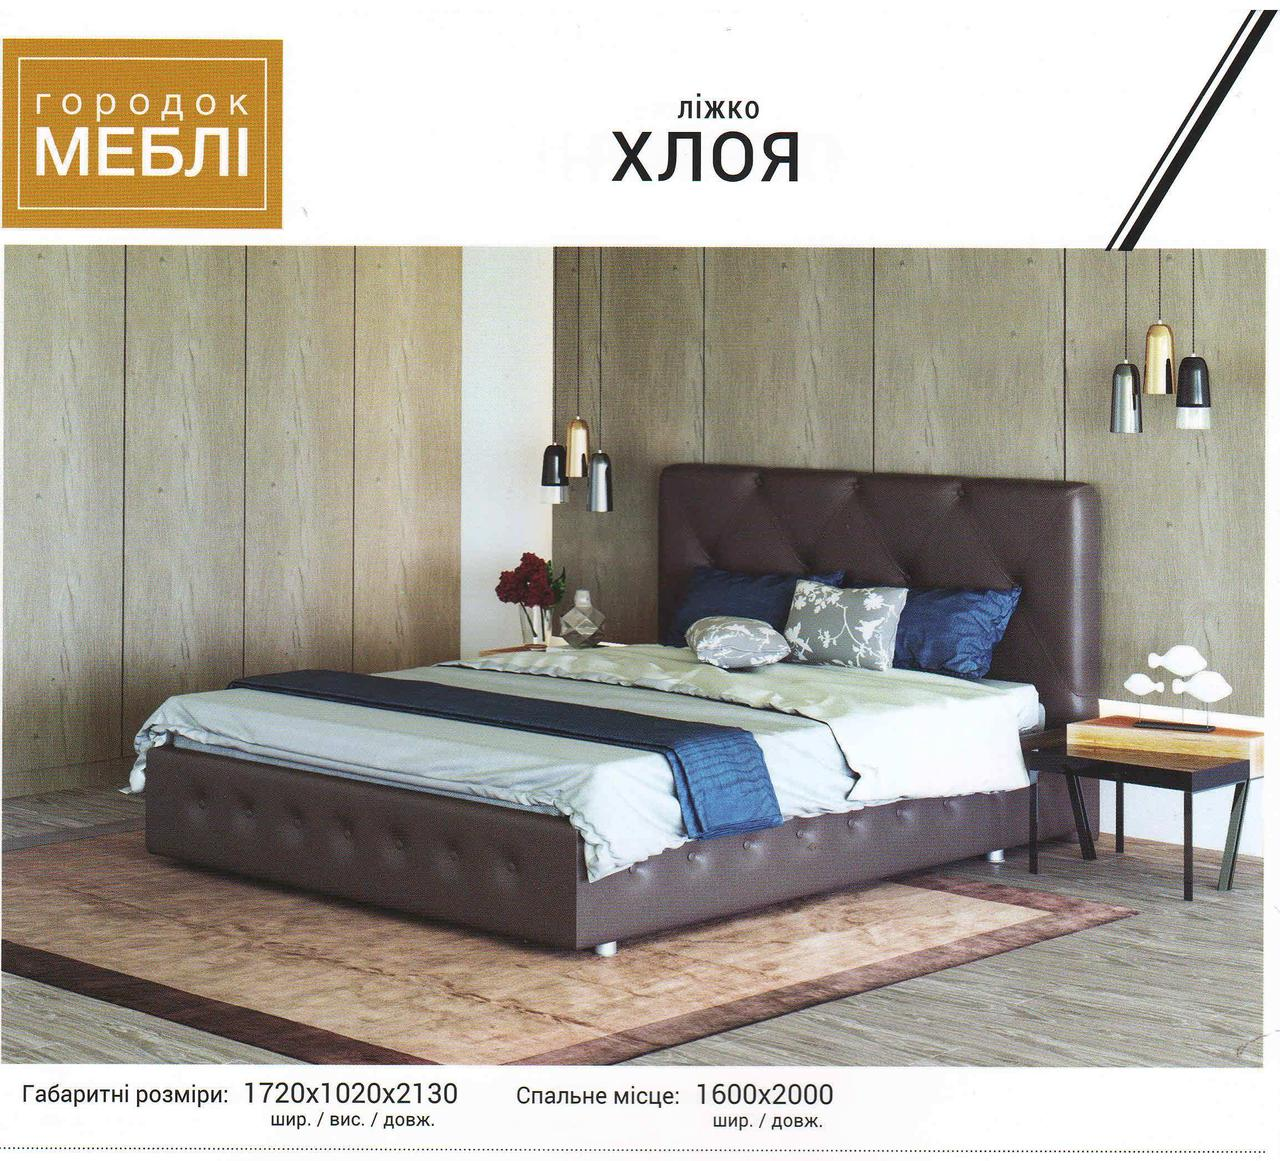 Ліжко Хлоя Городок Меблі 160*200